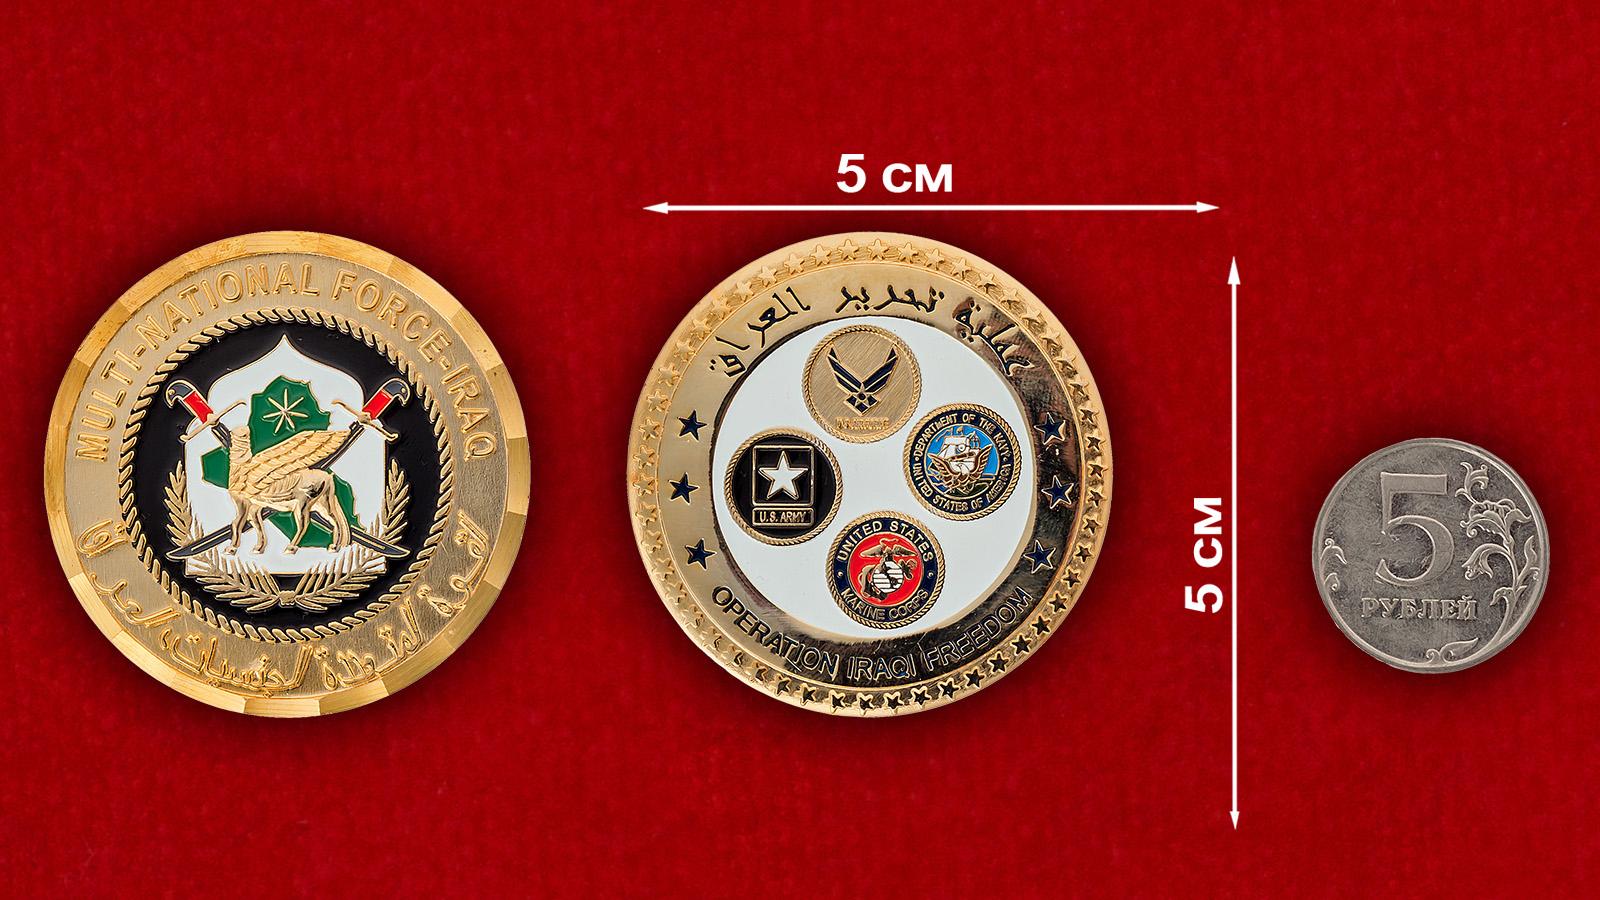 Челлендж коин Многонациональных сил в Ираке